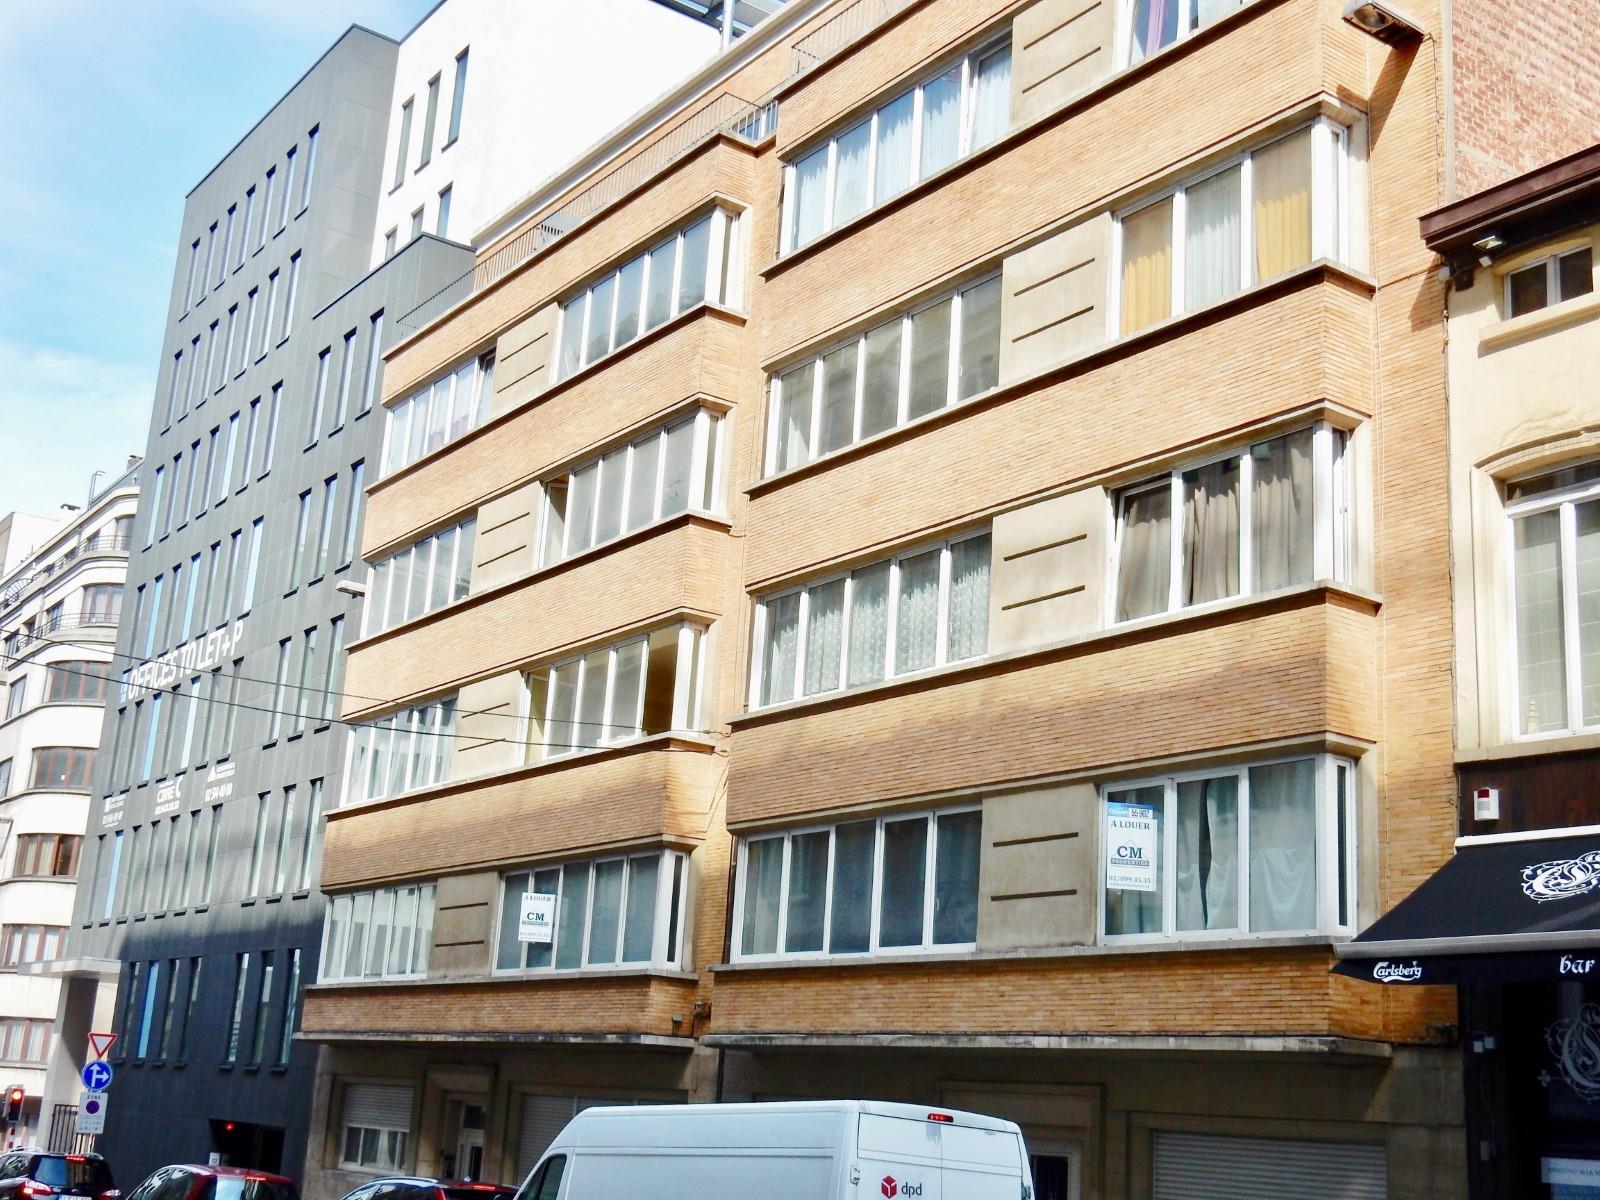 Flat - Bruxelles - #3451382-9